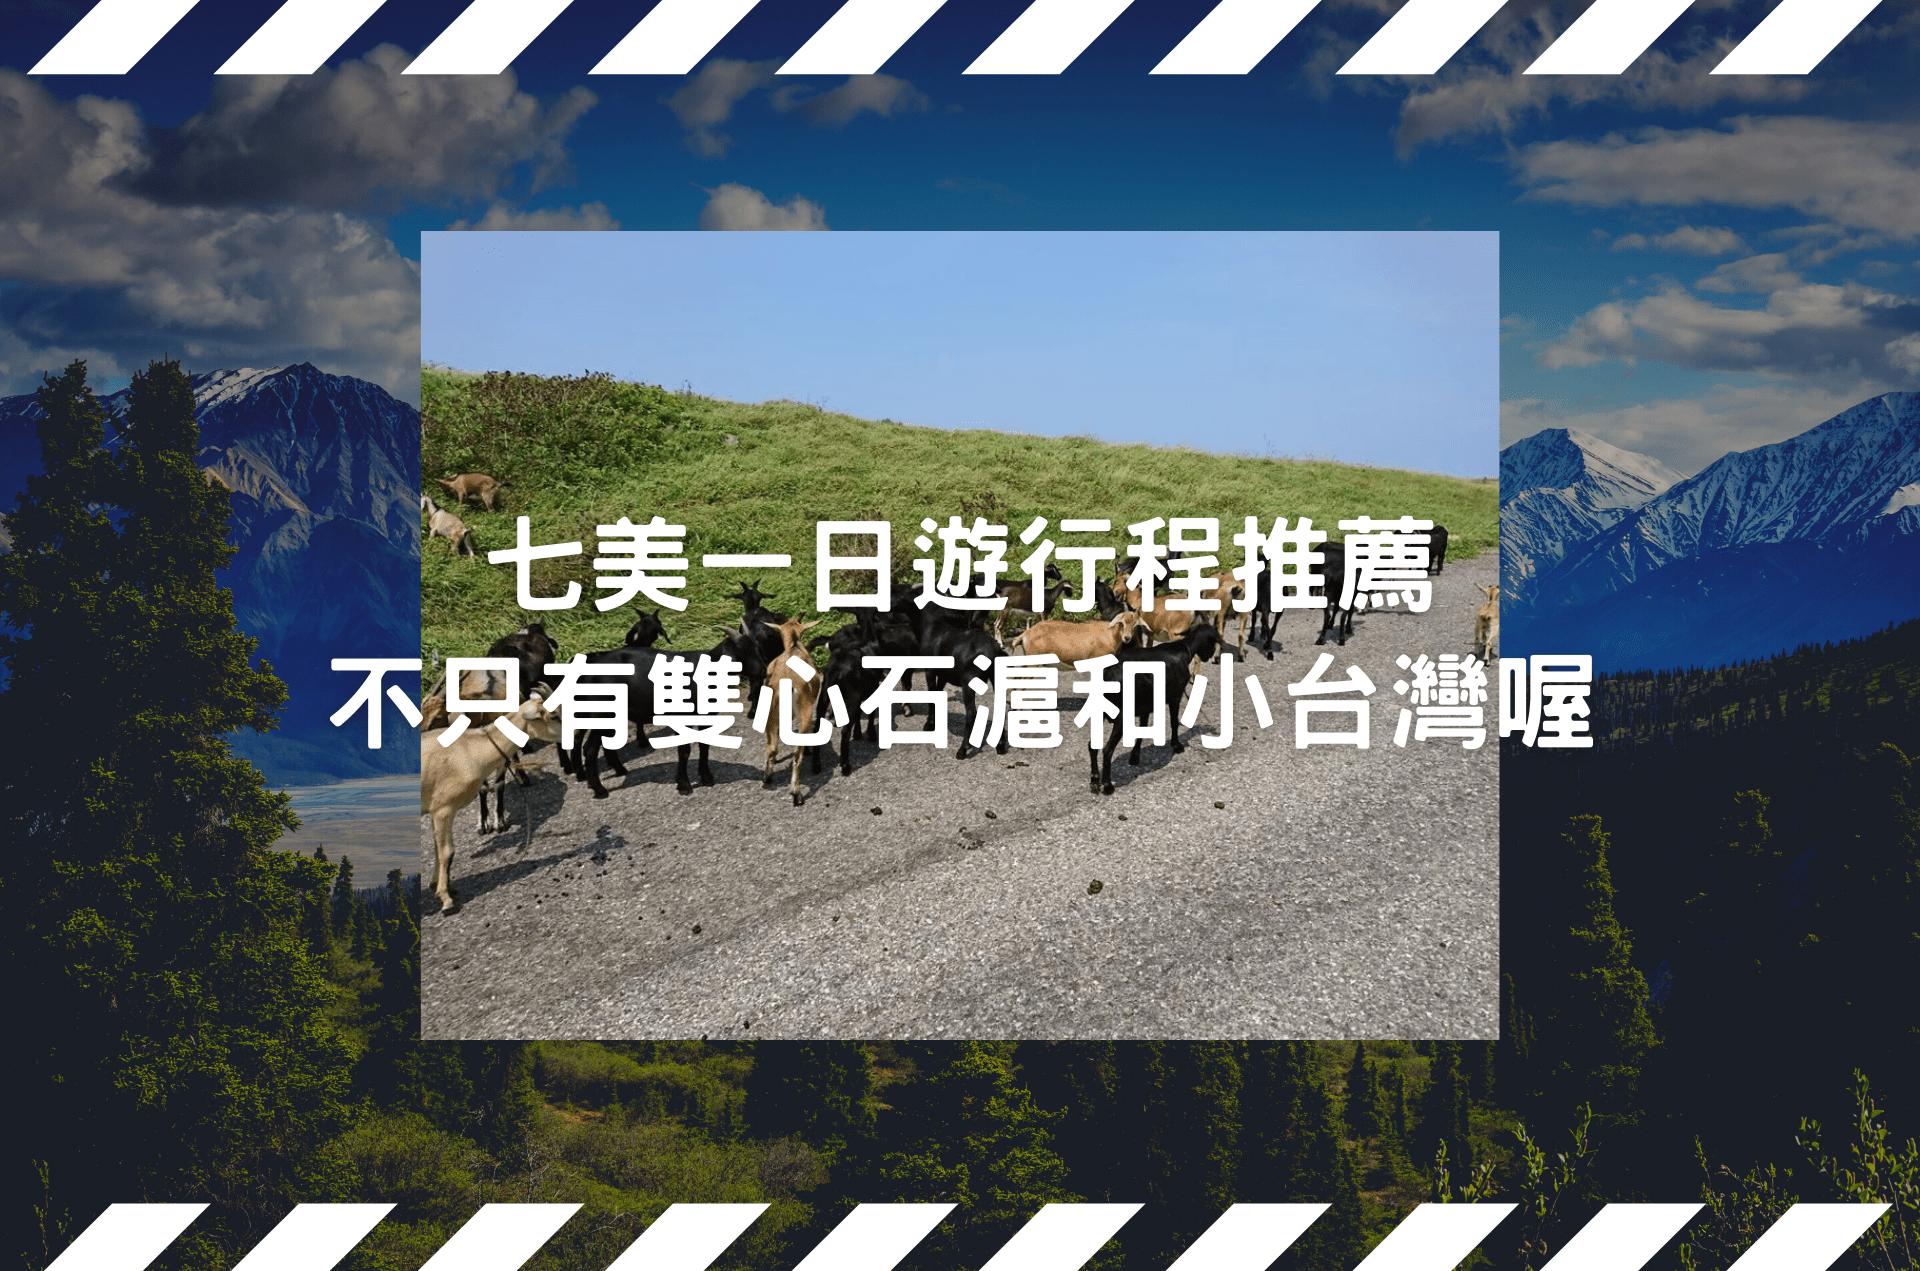 七美一日遊行程推薦,不只有雙心石滬和小台灣喔